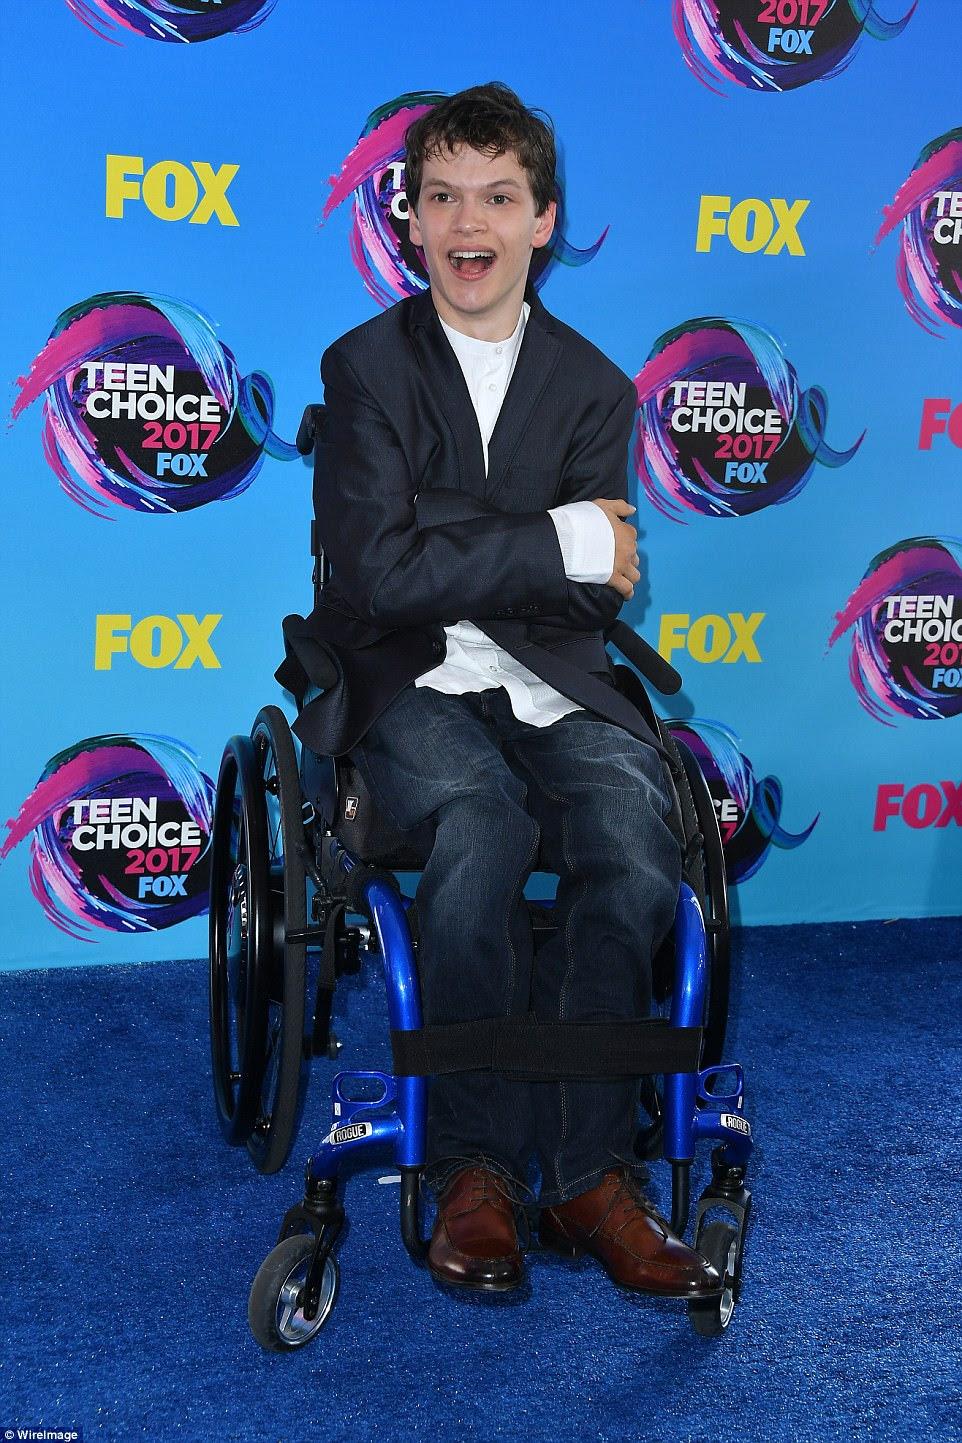 Feliz: o ator Micah Fowler sorriu no tapete azul antes do show de prêmios, que ocorreu no Galen Center em Los Angeles